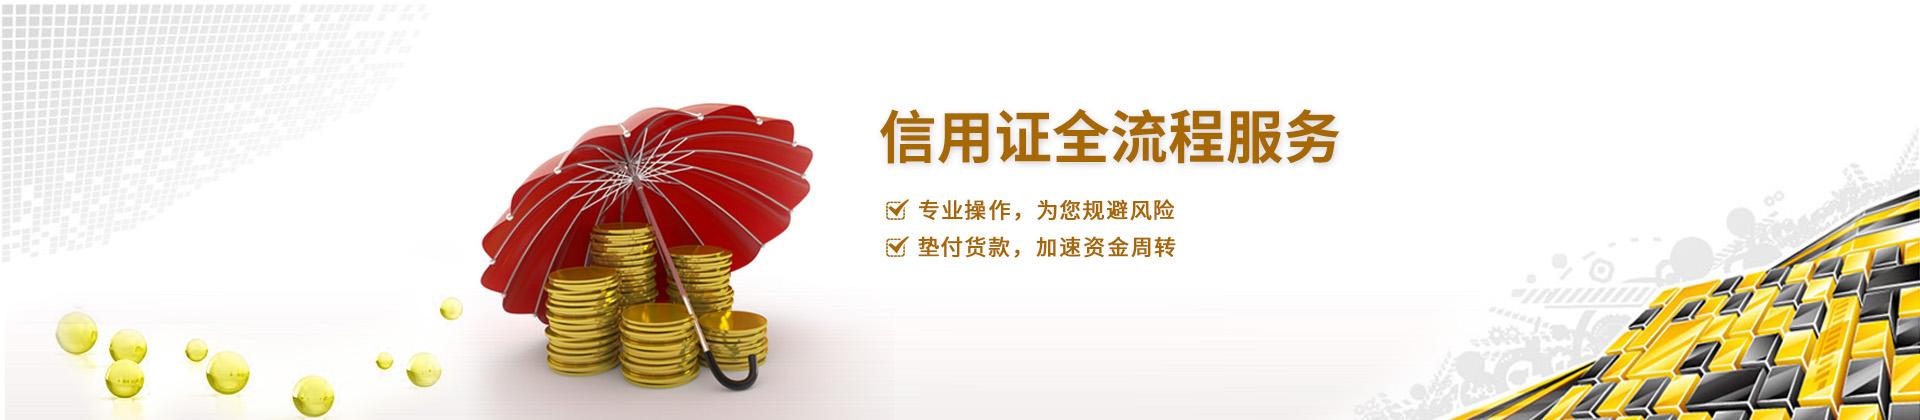 深圳信用证服务